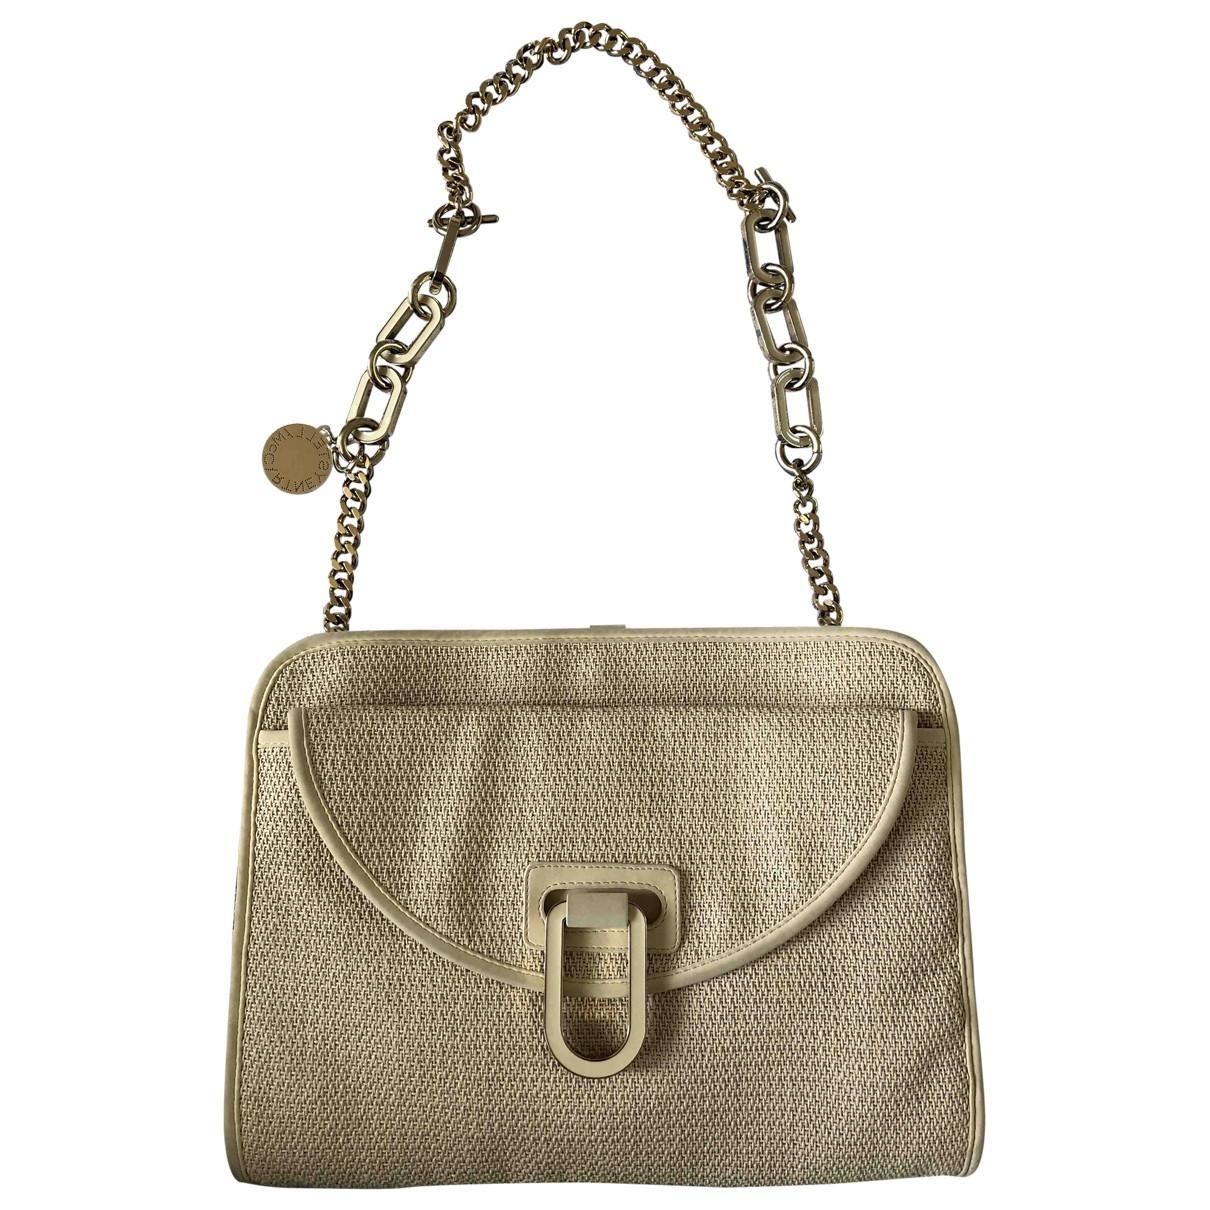 Stella Mccartney \N Handtasche in  Beige Leinen